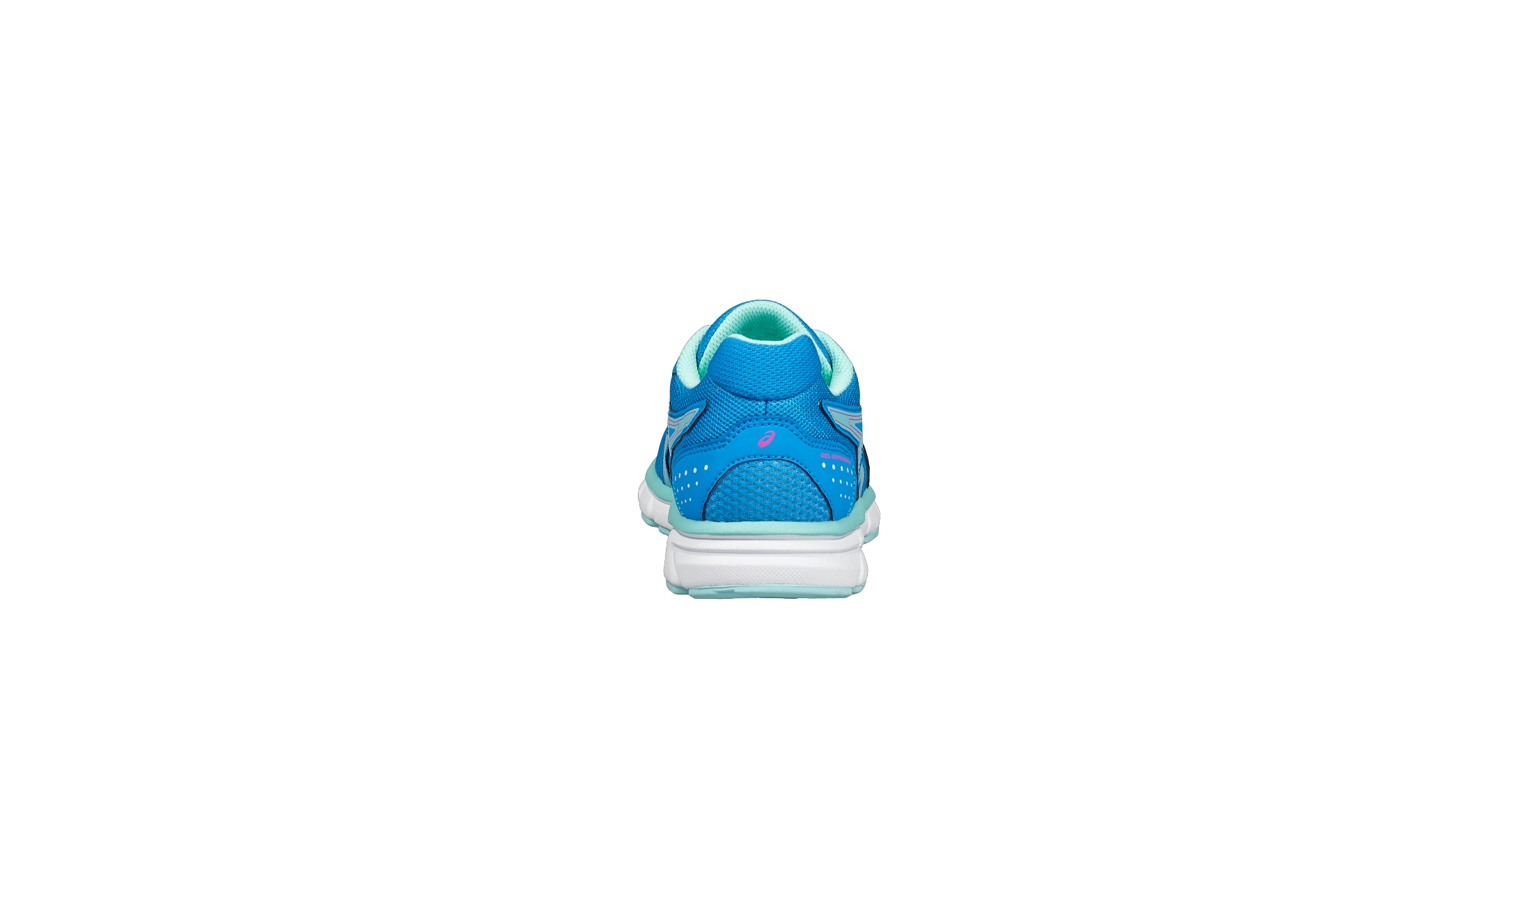 Dámske bežecké topánky Asics GEL-IMPRESSION 9 W modré  ba5f68655e9